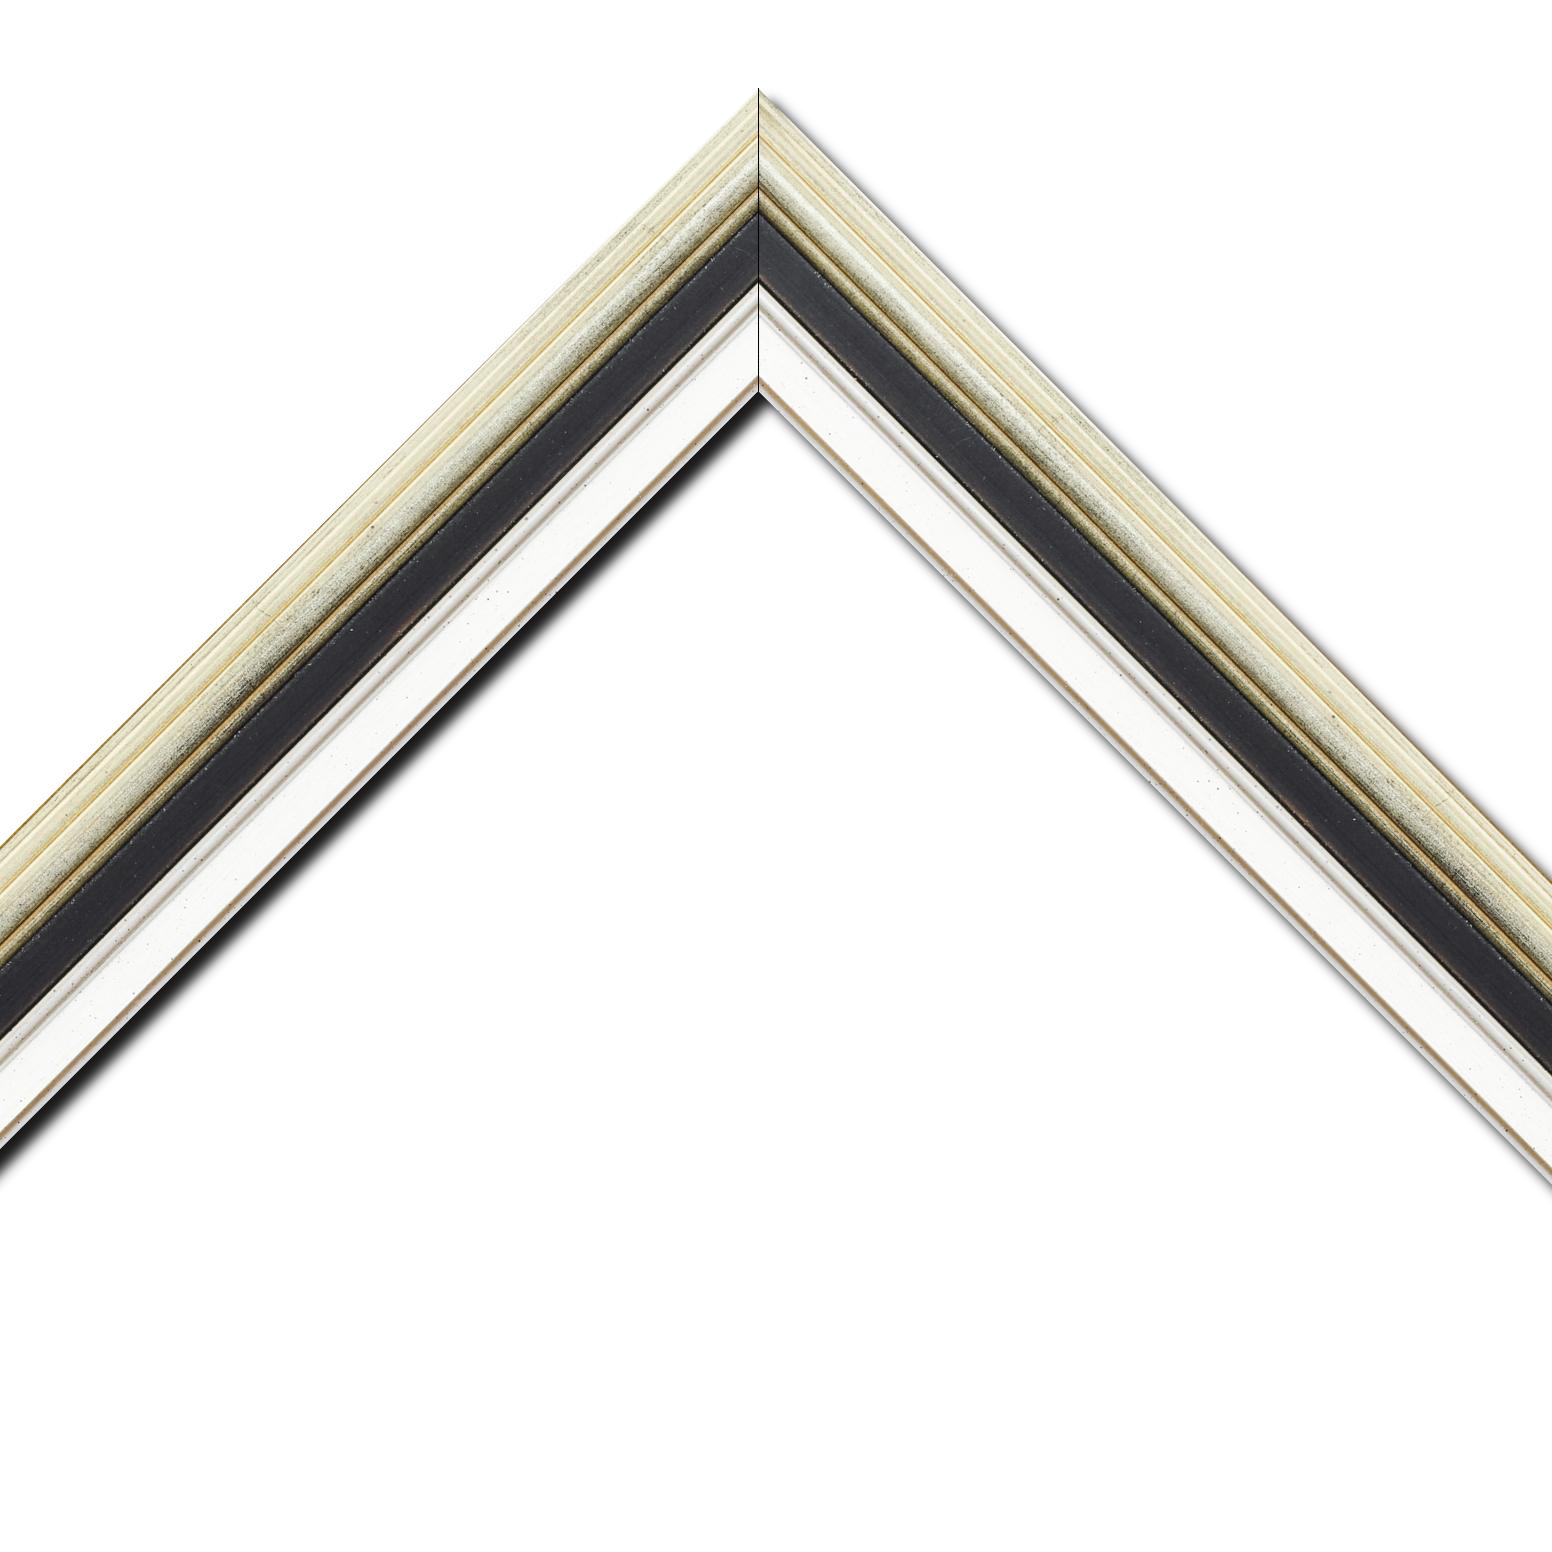 Baguette bois largeur 5.2cm argent gorge noire  marie louise blanche  filet argent intégrée